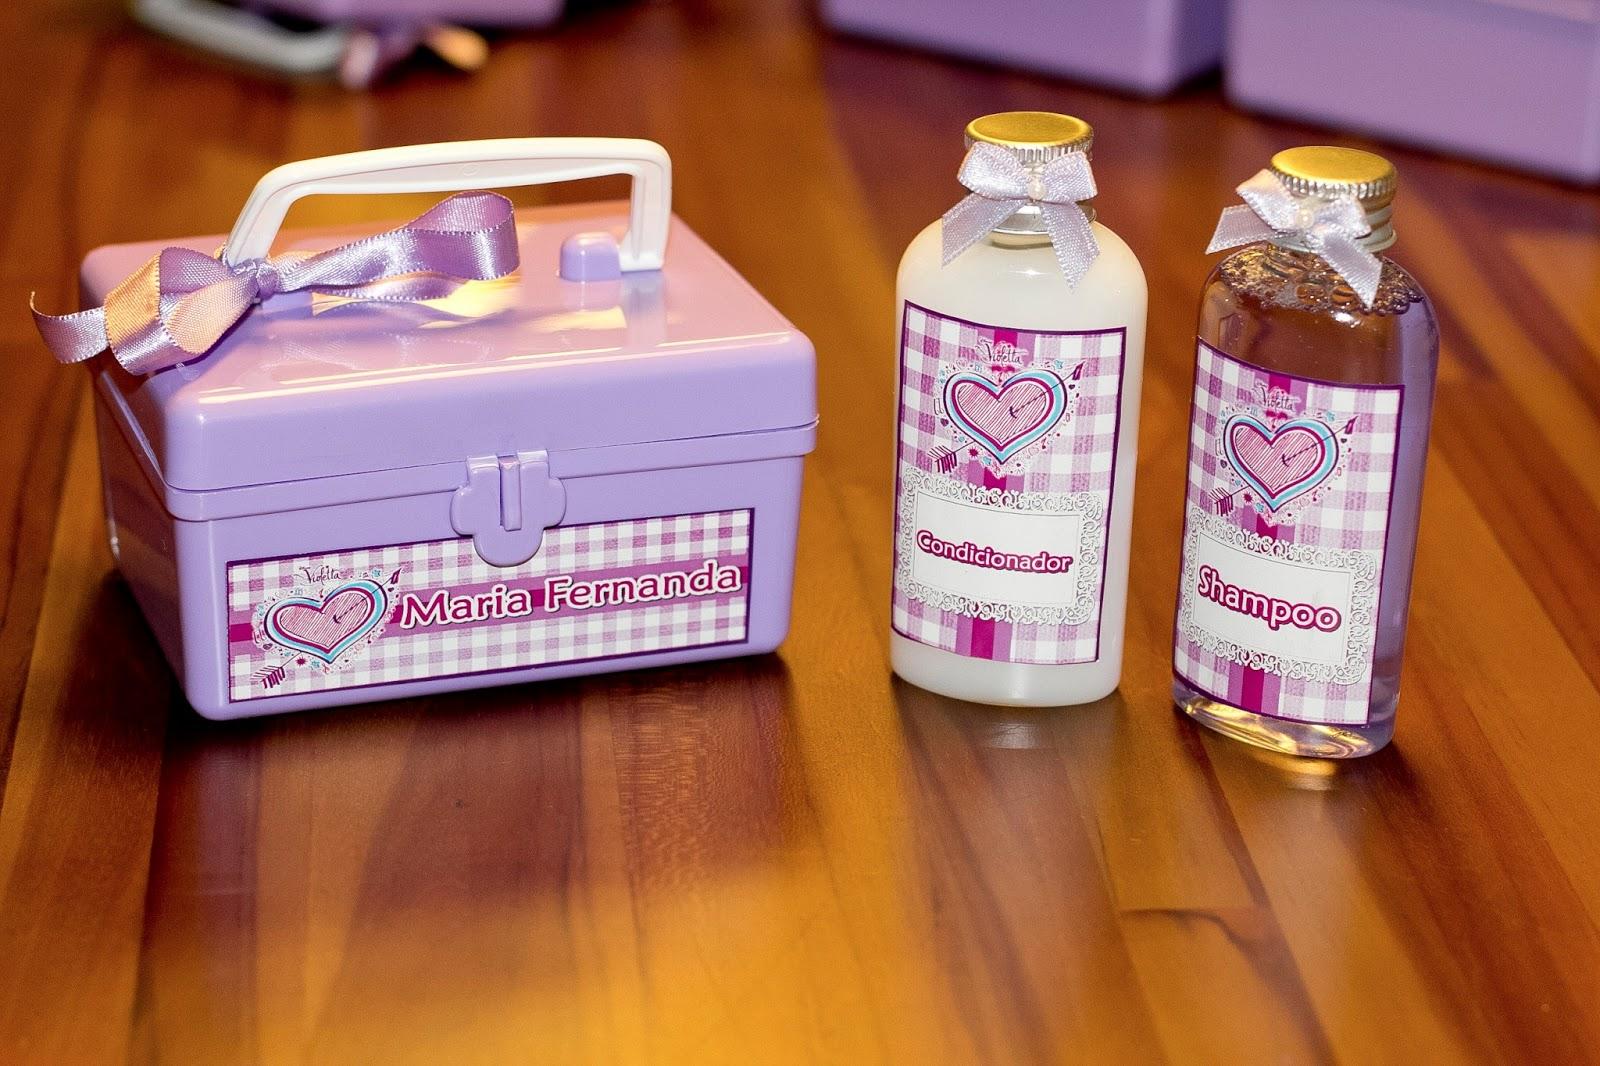 decoracao festa violeta: Laterce Decoração e Lembranças: Lembranças Festa Violetta